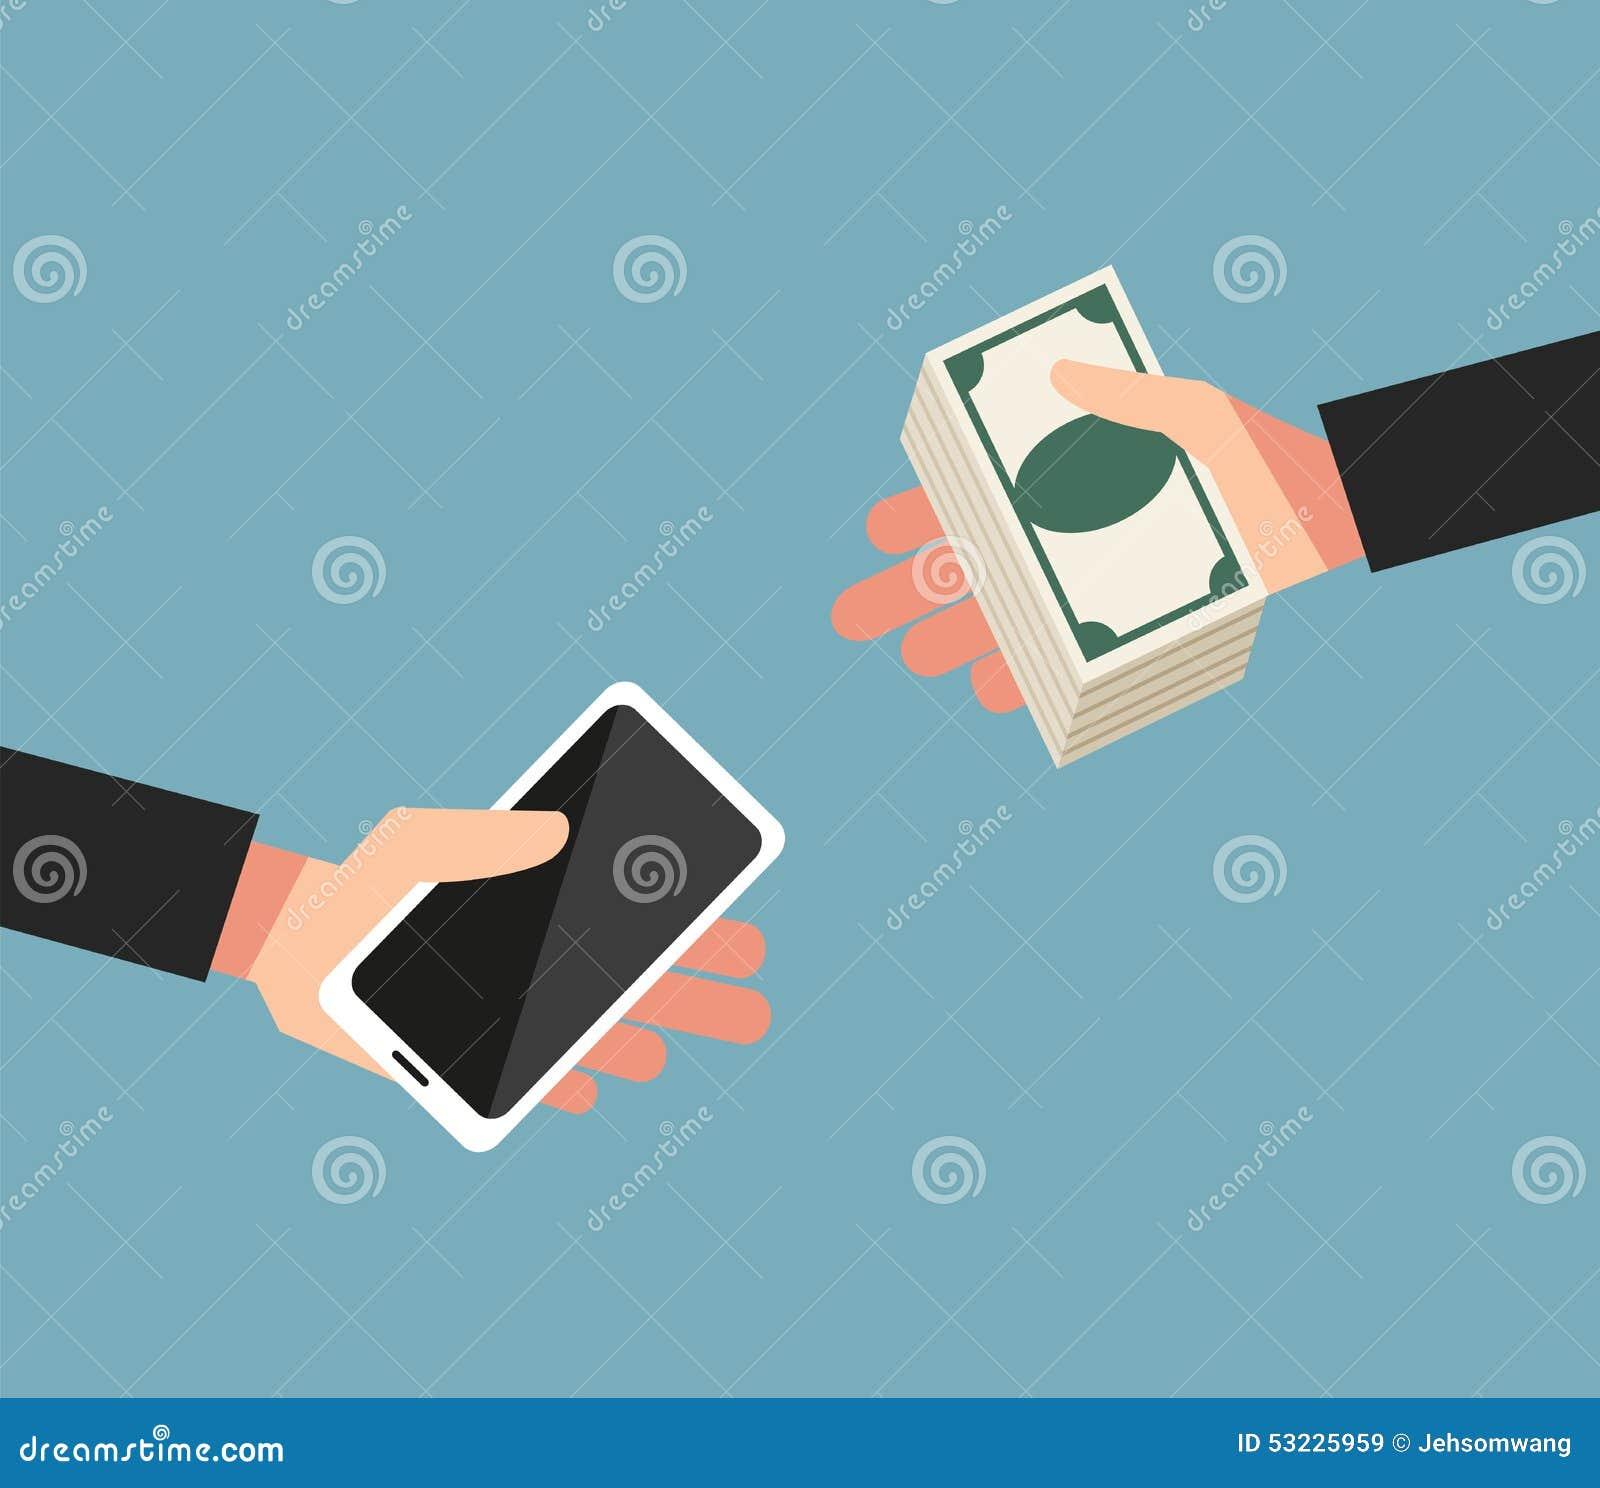 El concepto de intercambiar el dinero por teléfono móvil